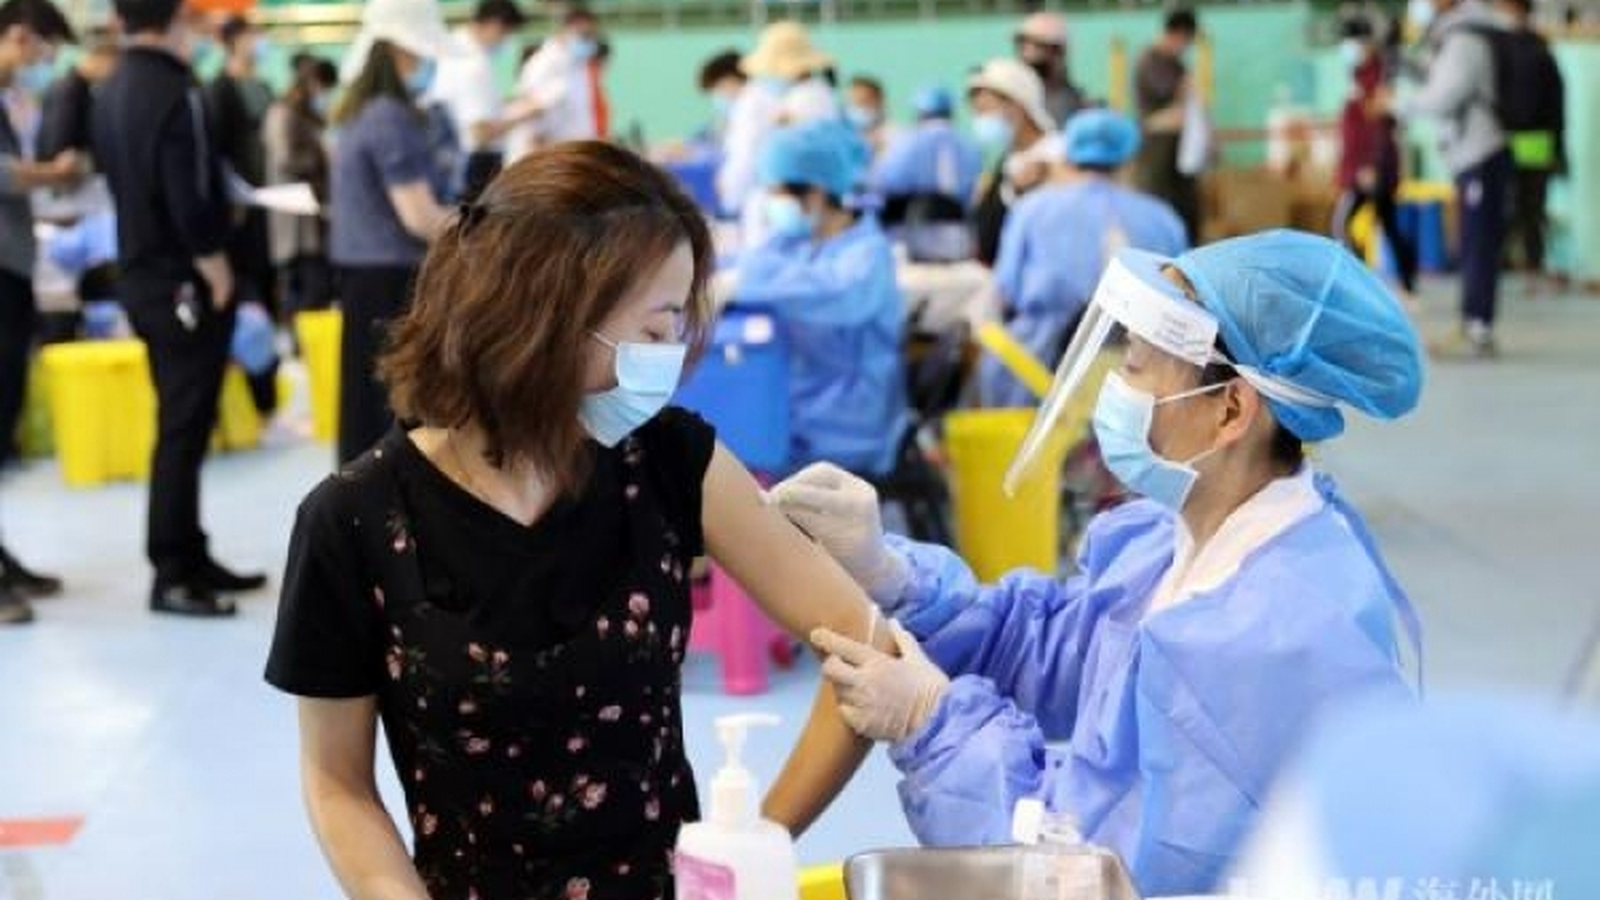 Trung Quốc trở thành quốc gia đầu tiên hoàn thành tiêm 500 triệu liều vaccine Covid-19